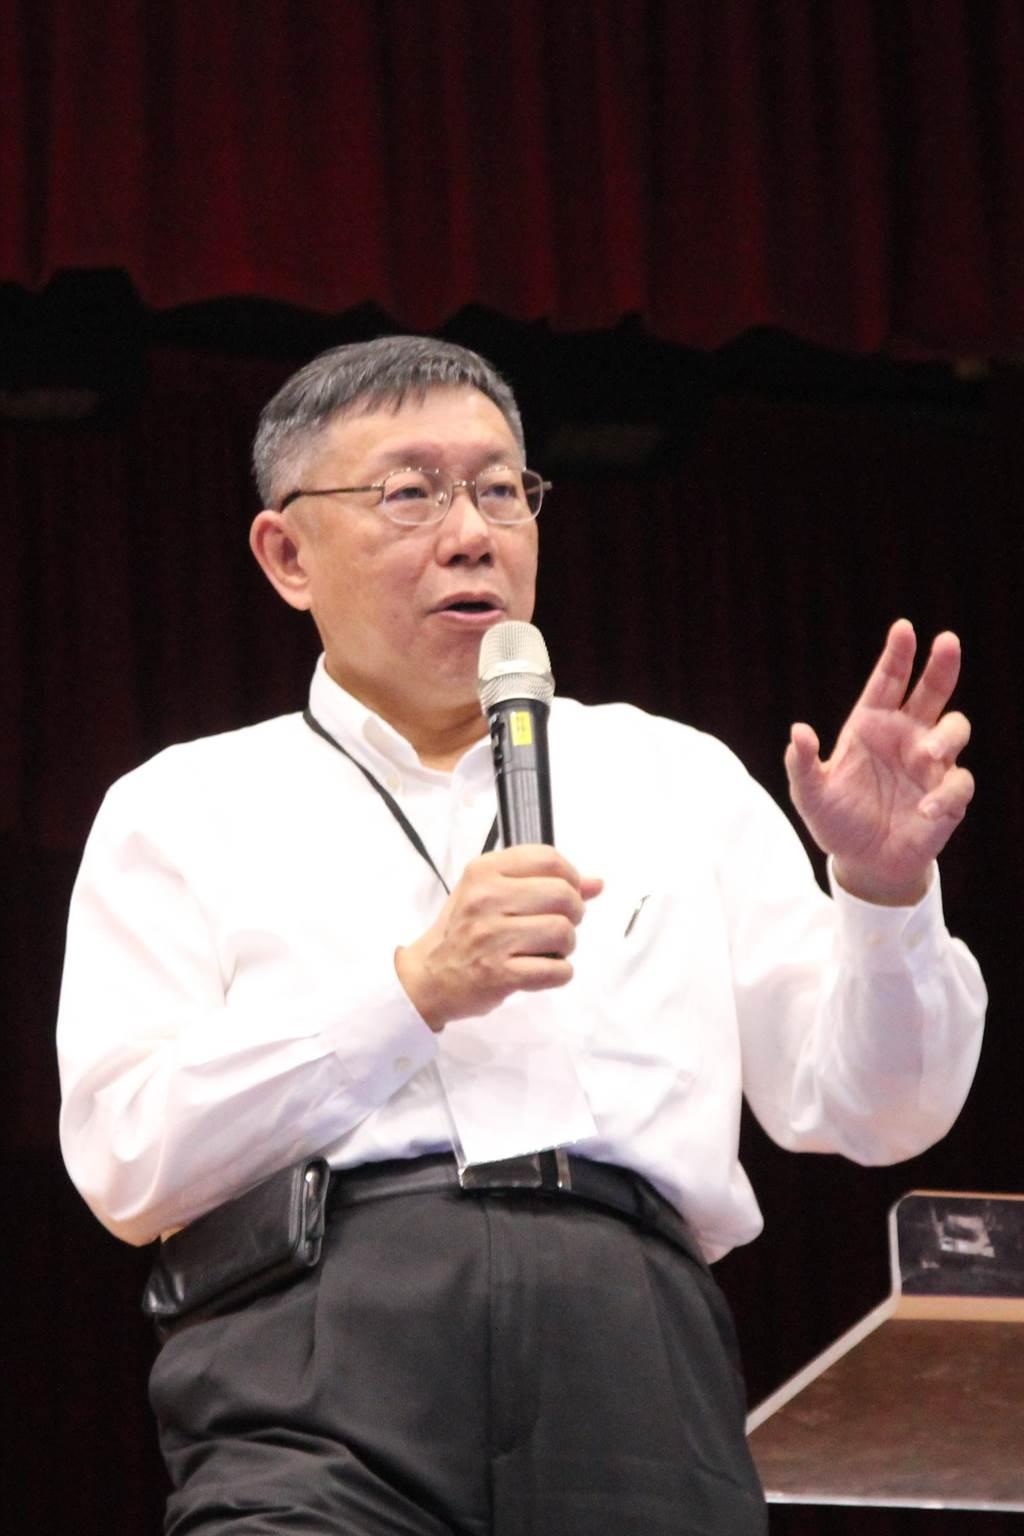 台北市長柯文哲表示,台灣需要的是「明治維新」,而非「義和團」。(陳淑芬攝)